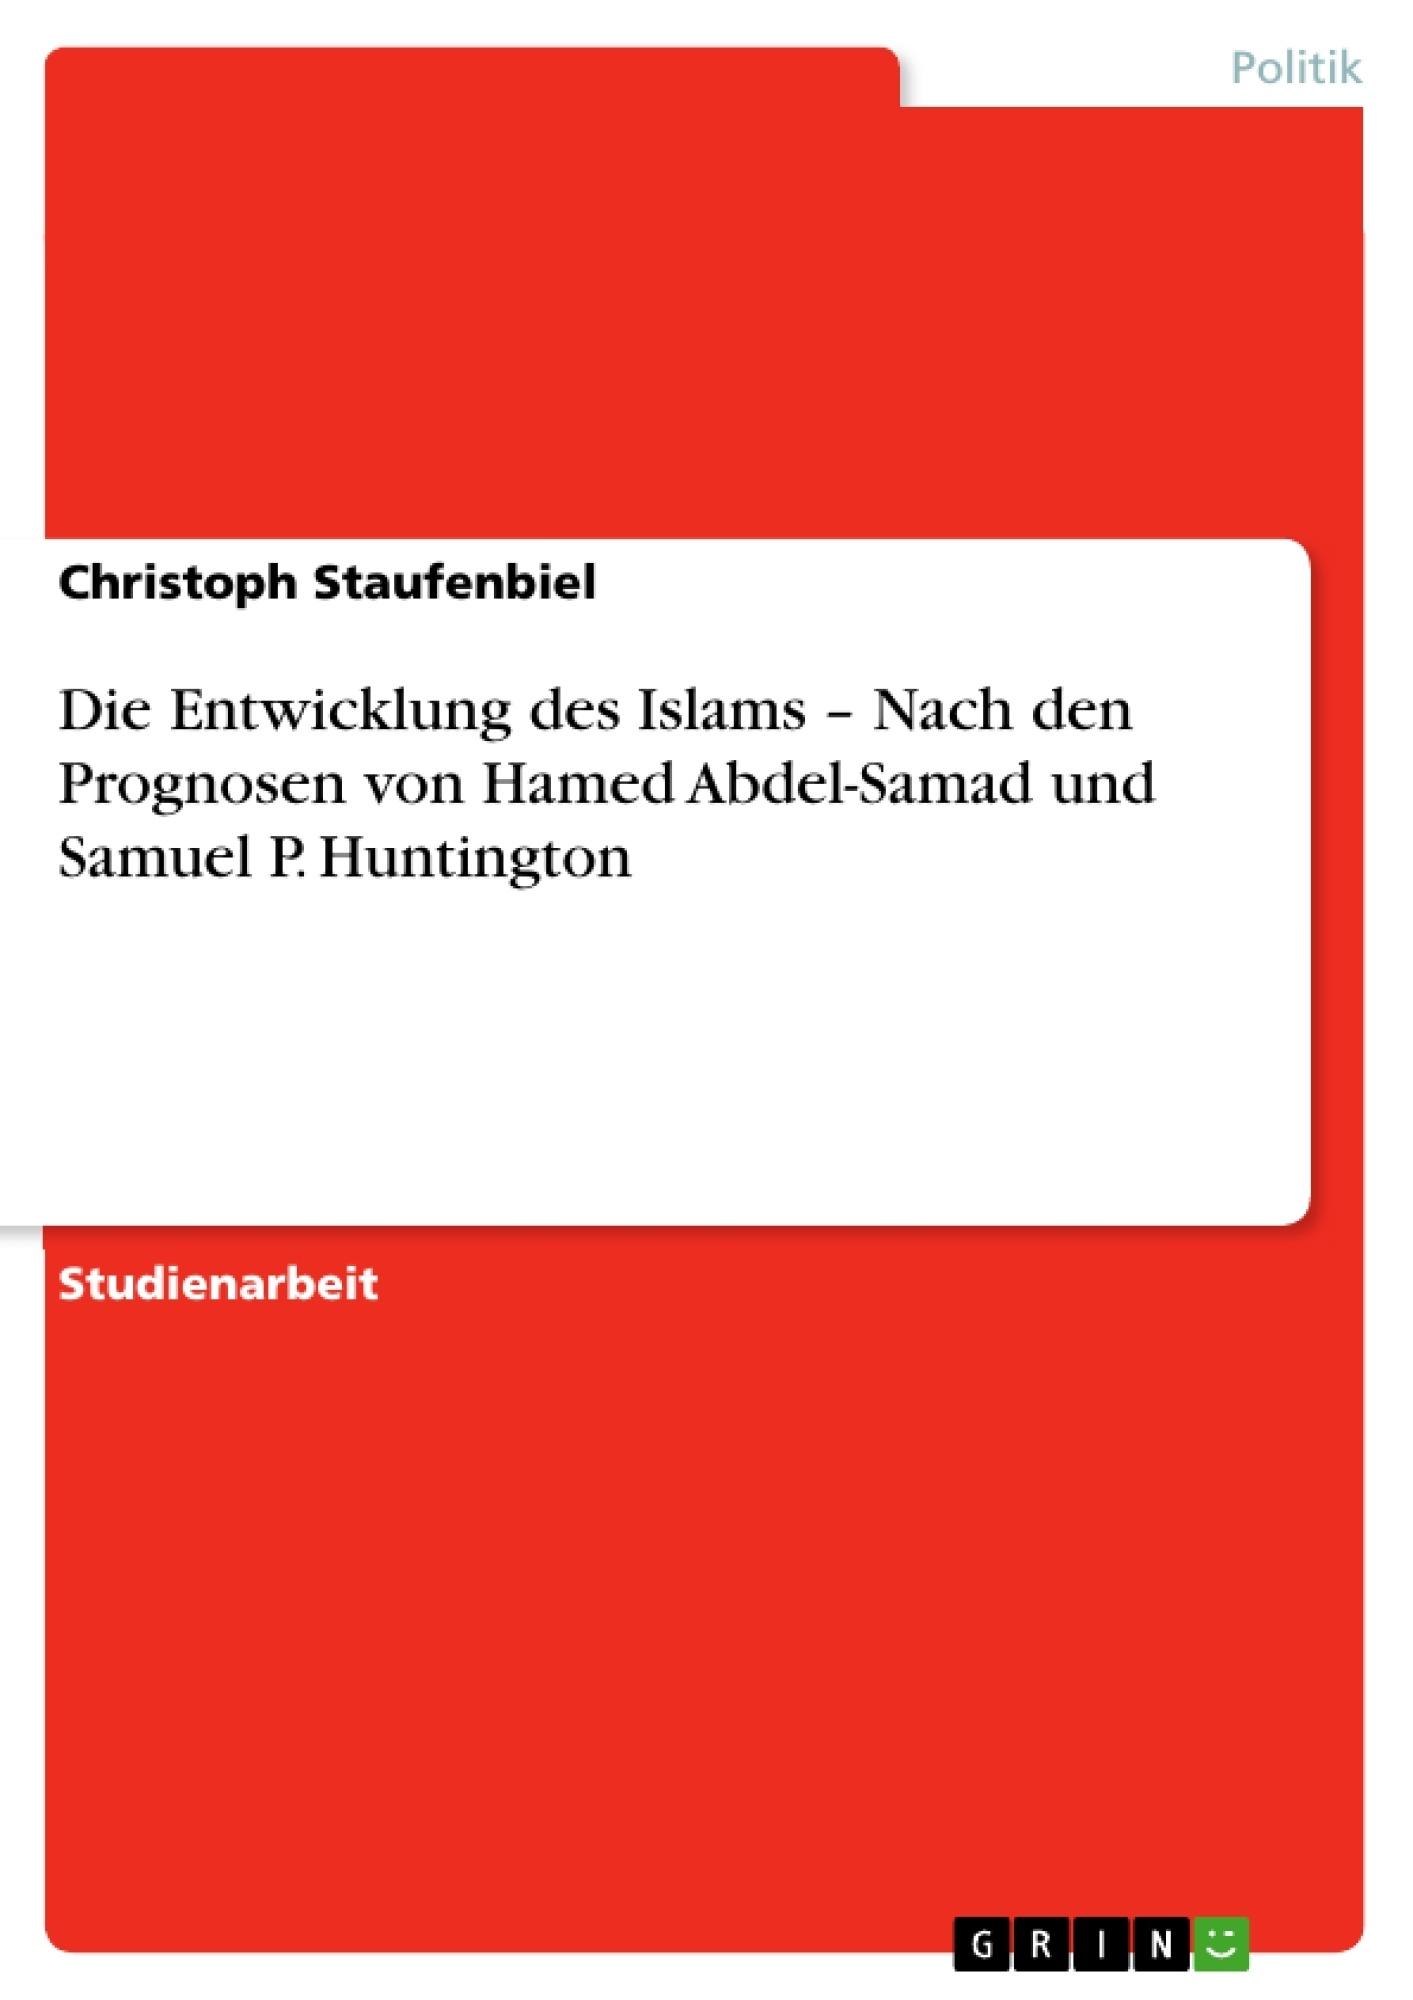 Titel: Die Entwicklung des Islams –  Nach den Prognosen von Hamed Abdel-Samad und Samuel P. Huntington